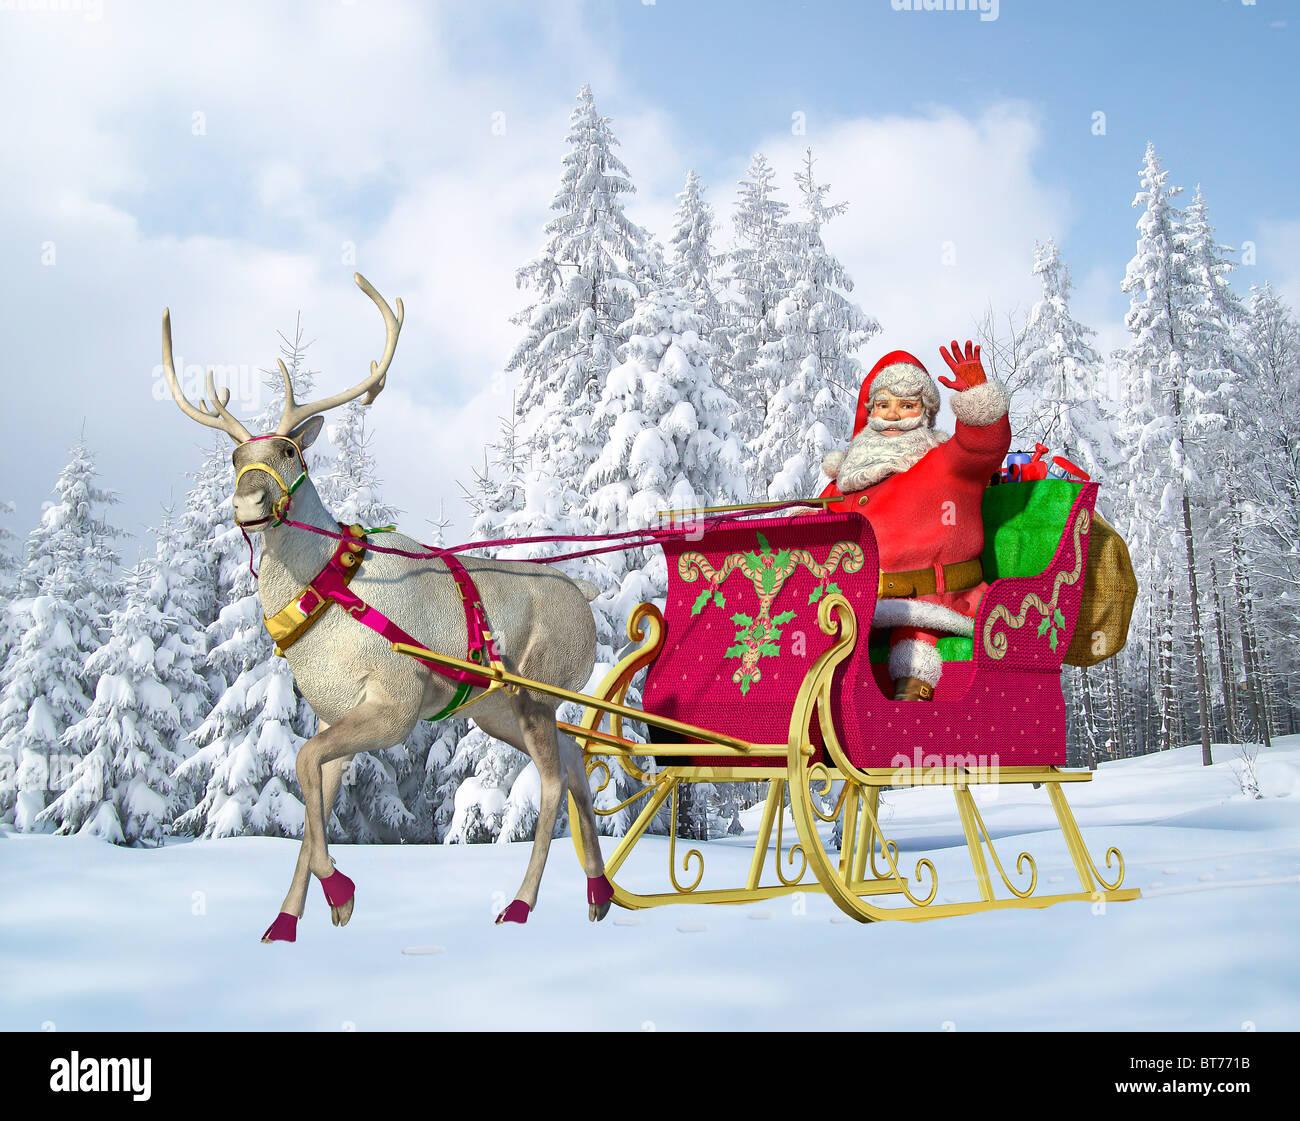 Santa Claus fahren Schlitten mit Rentier, auf einem schneebedeckten Boden, mit einem verschneiten Wald im Hintergrund. Stockbild